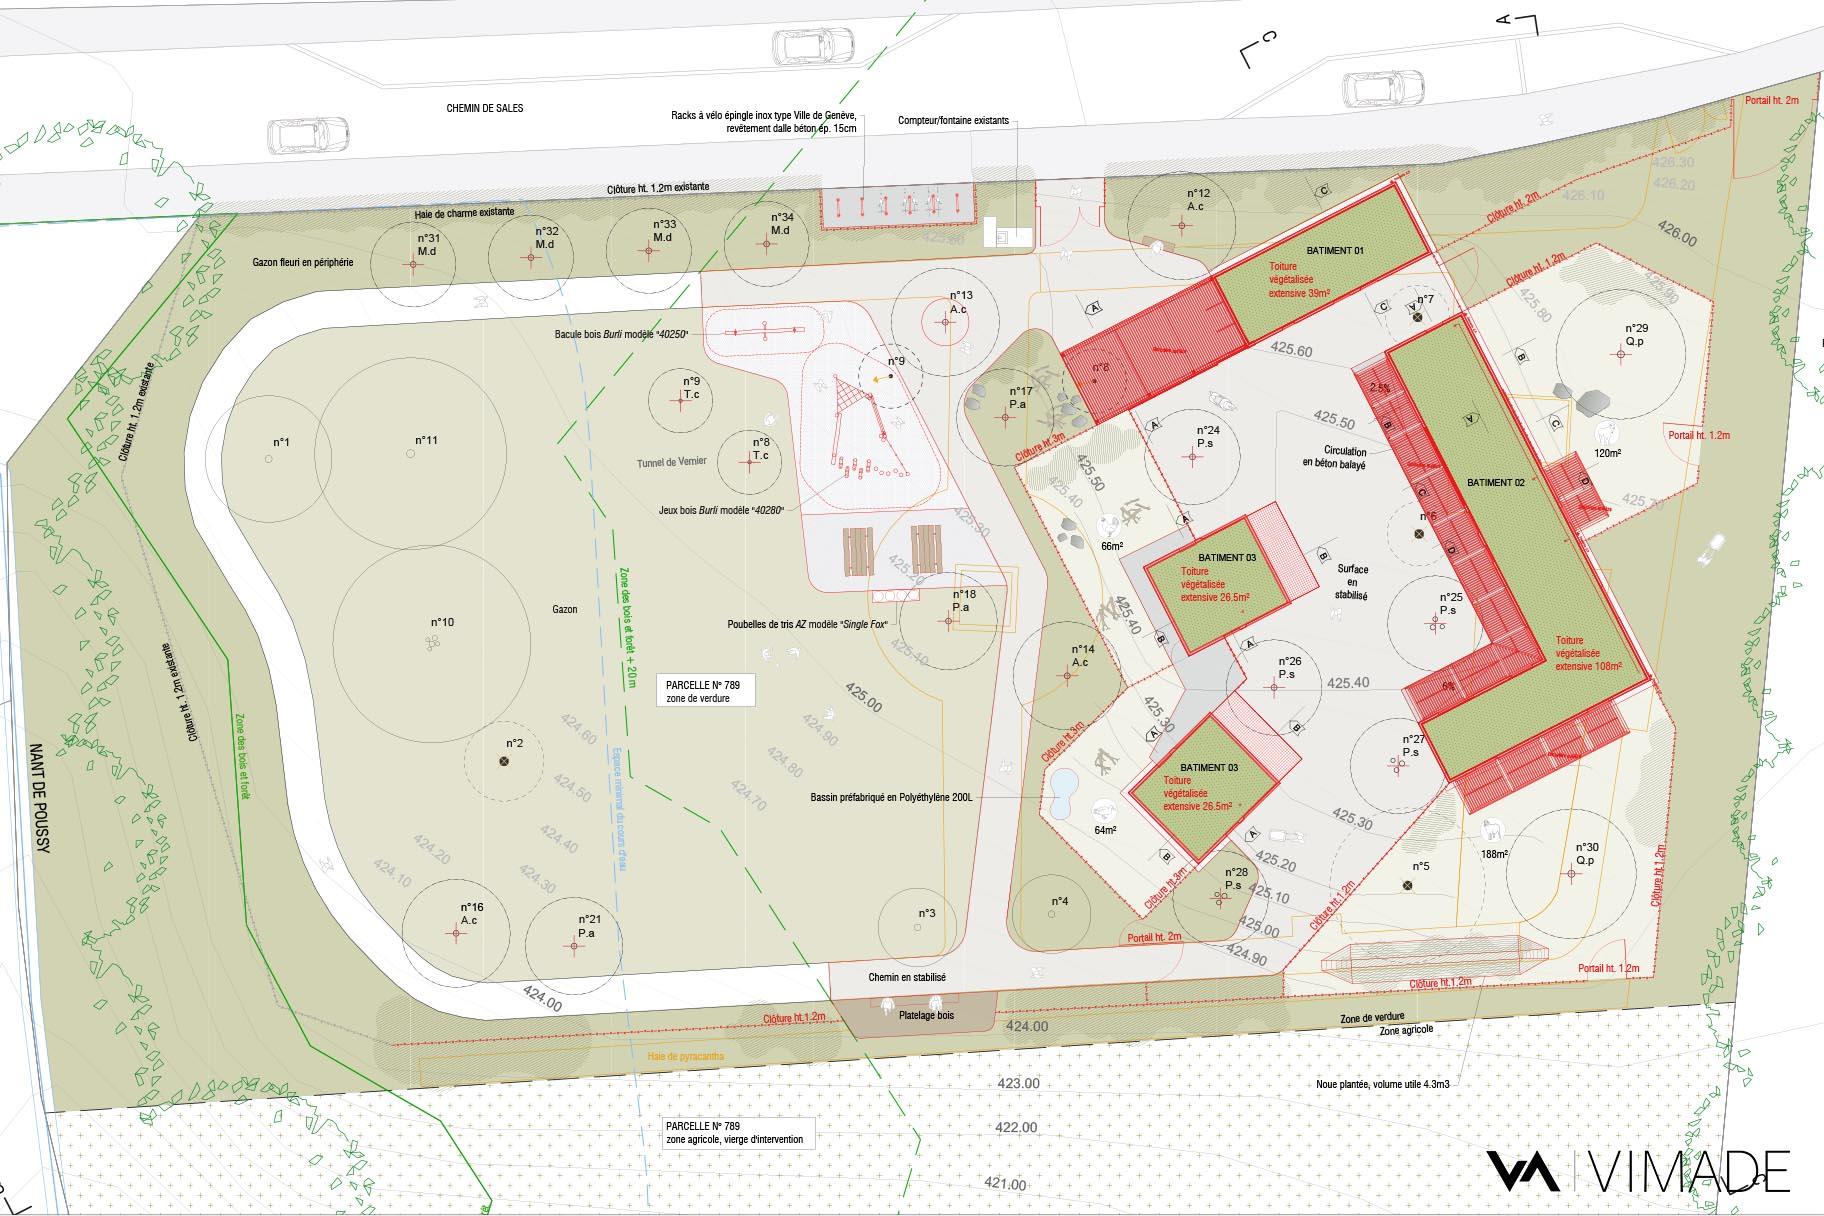 plan-parc-animalier-esplanade-prospecierara-vernier-architecture-paysage-vimade-genève